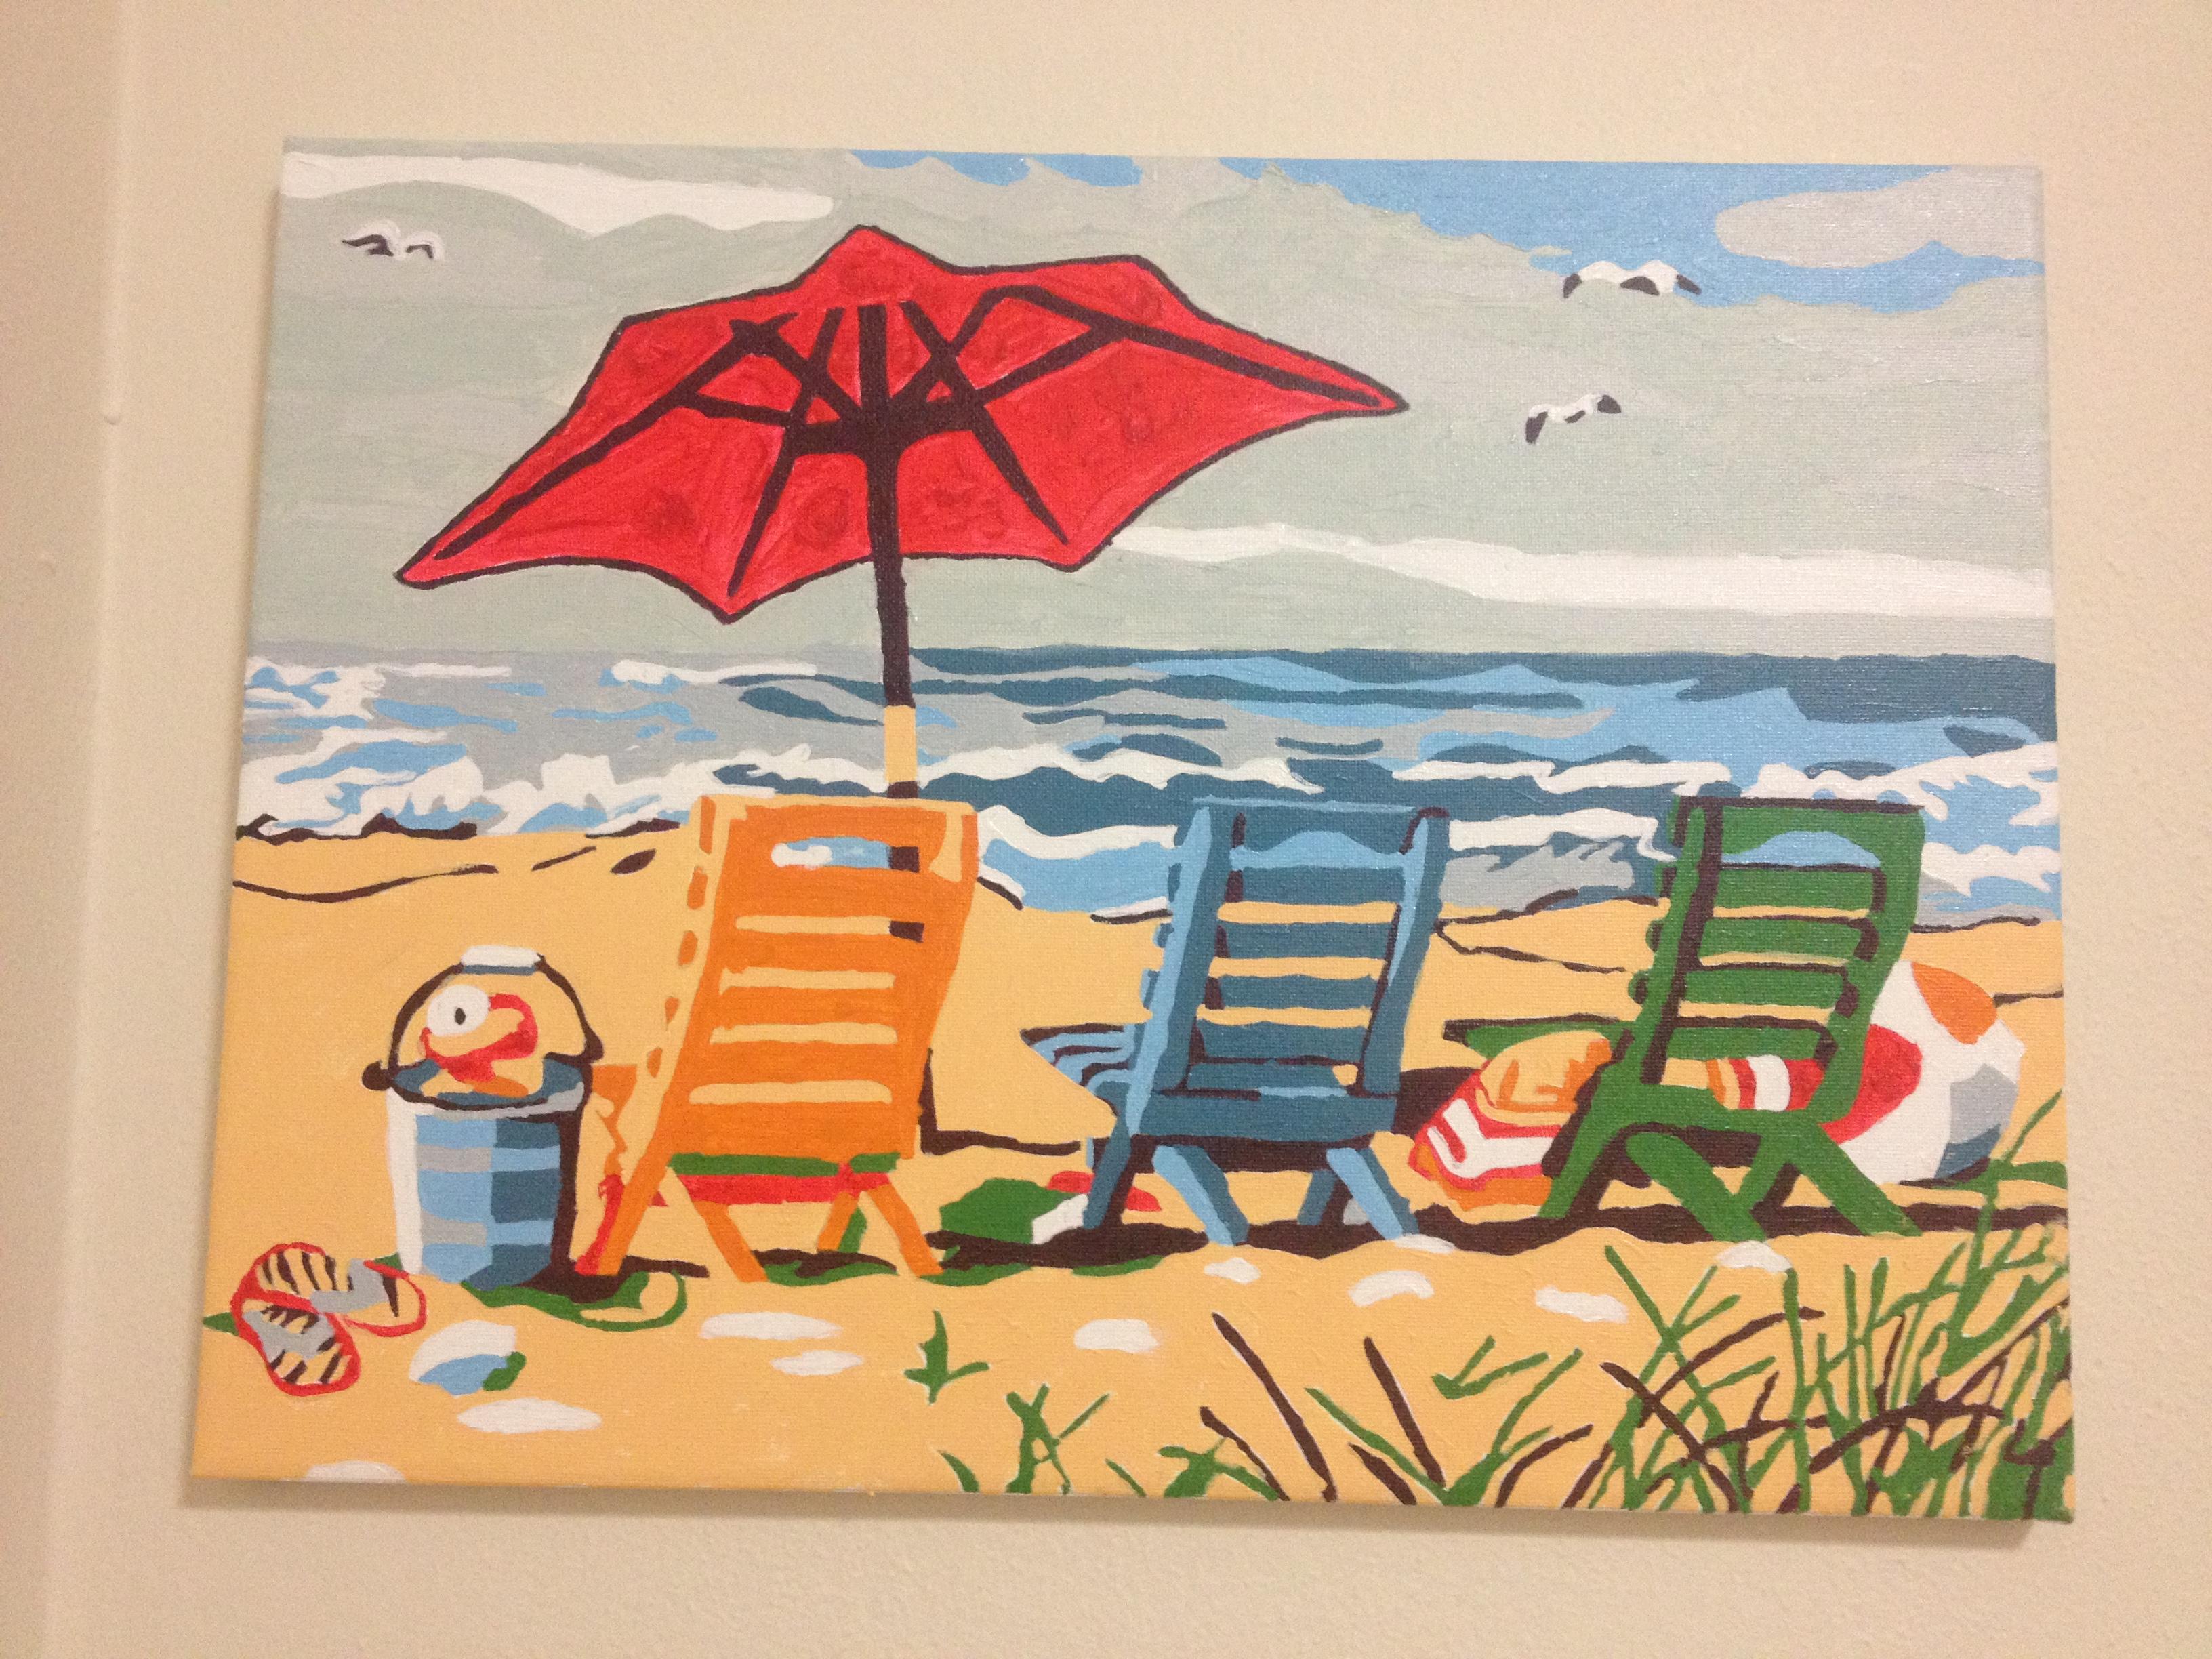 Rita beach chair